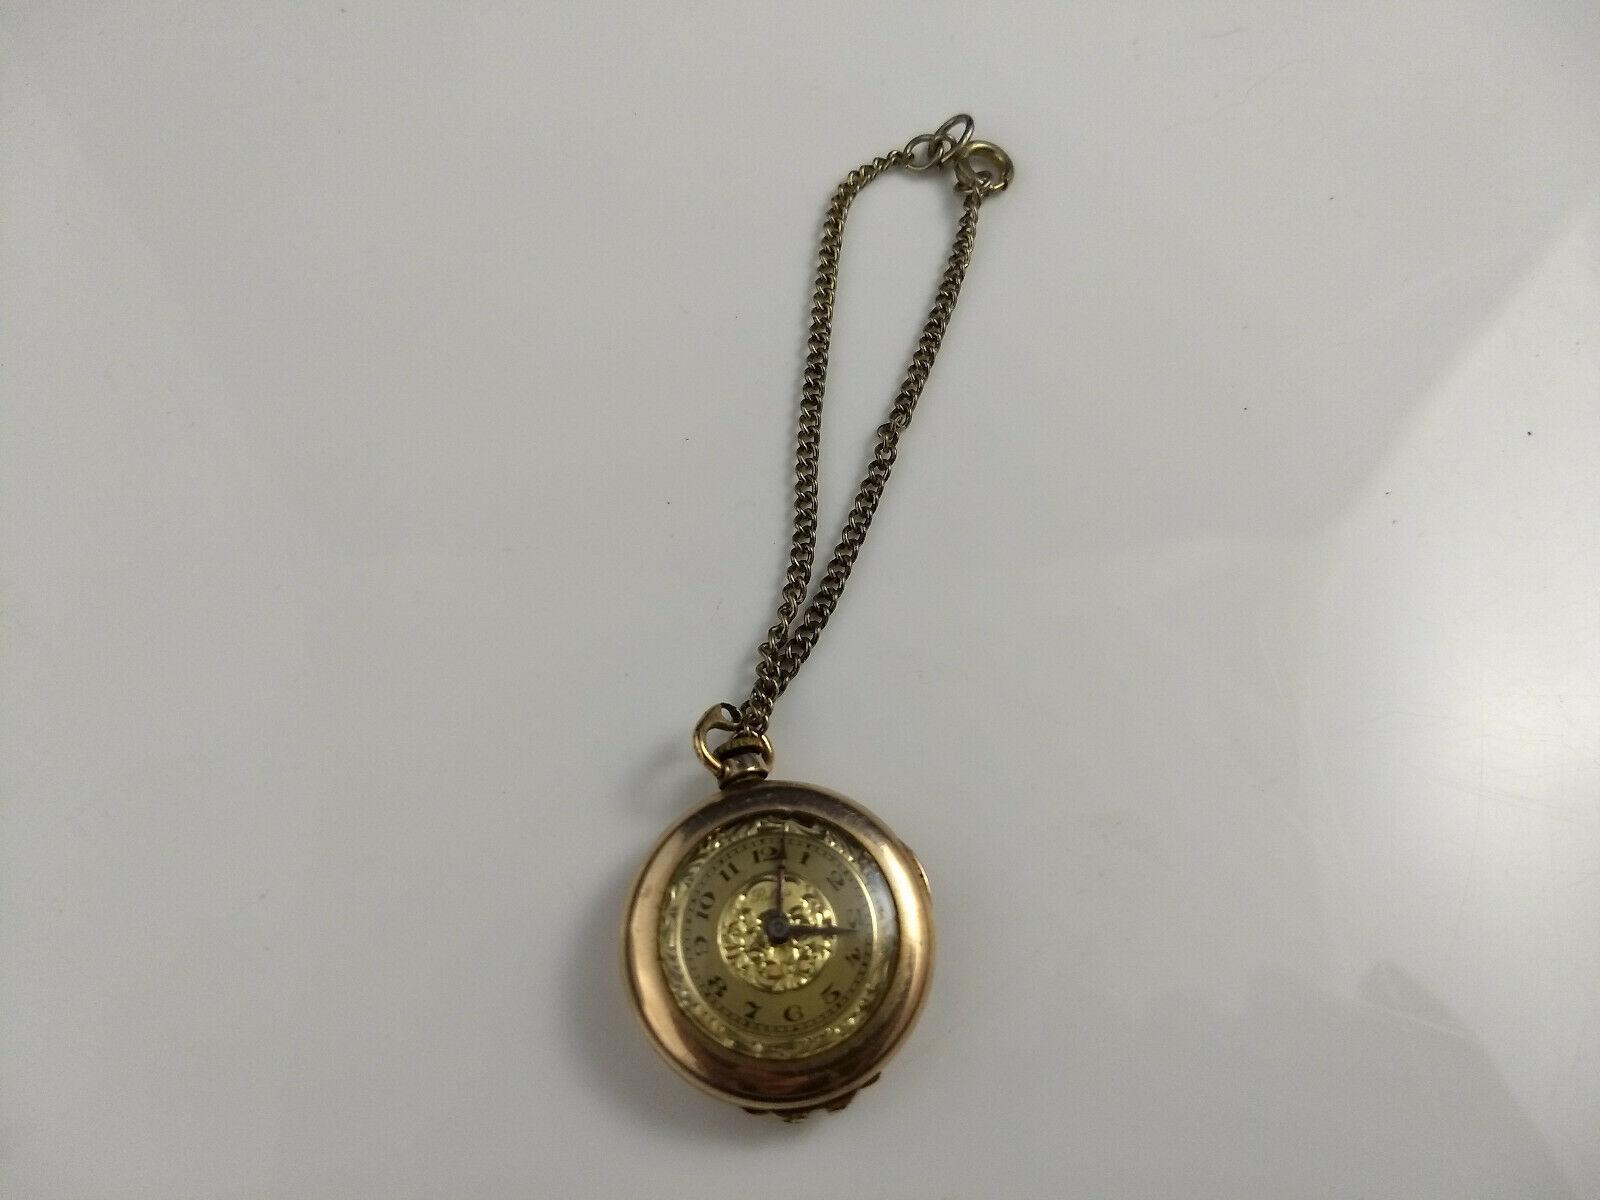 vtg WADSWORTH RELGIS HELBROS W & CO 15j 10k GOLD FILLED POCKET WATCH Swiss rare image 3